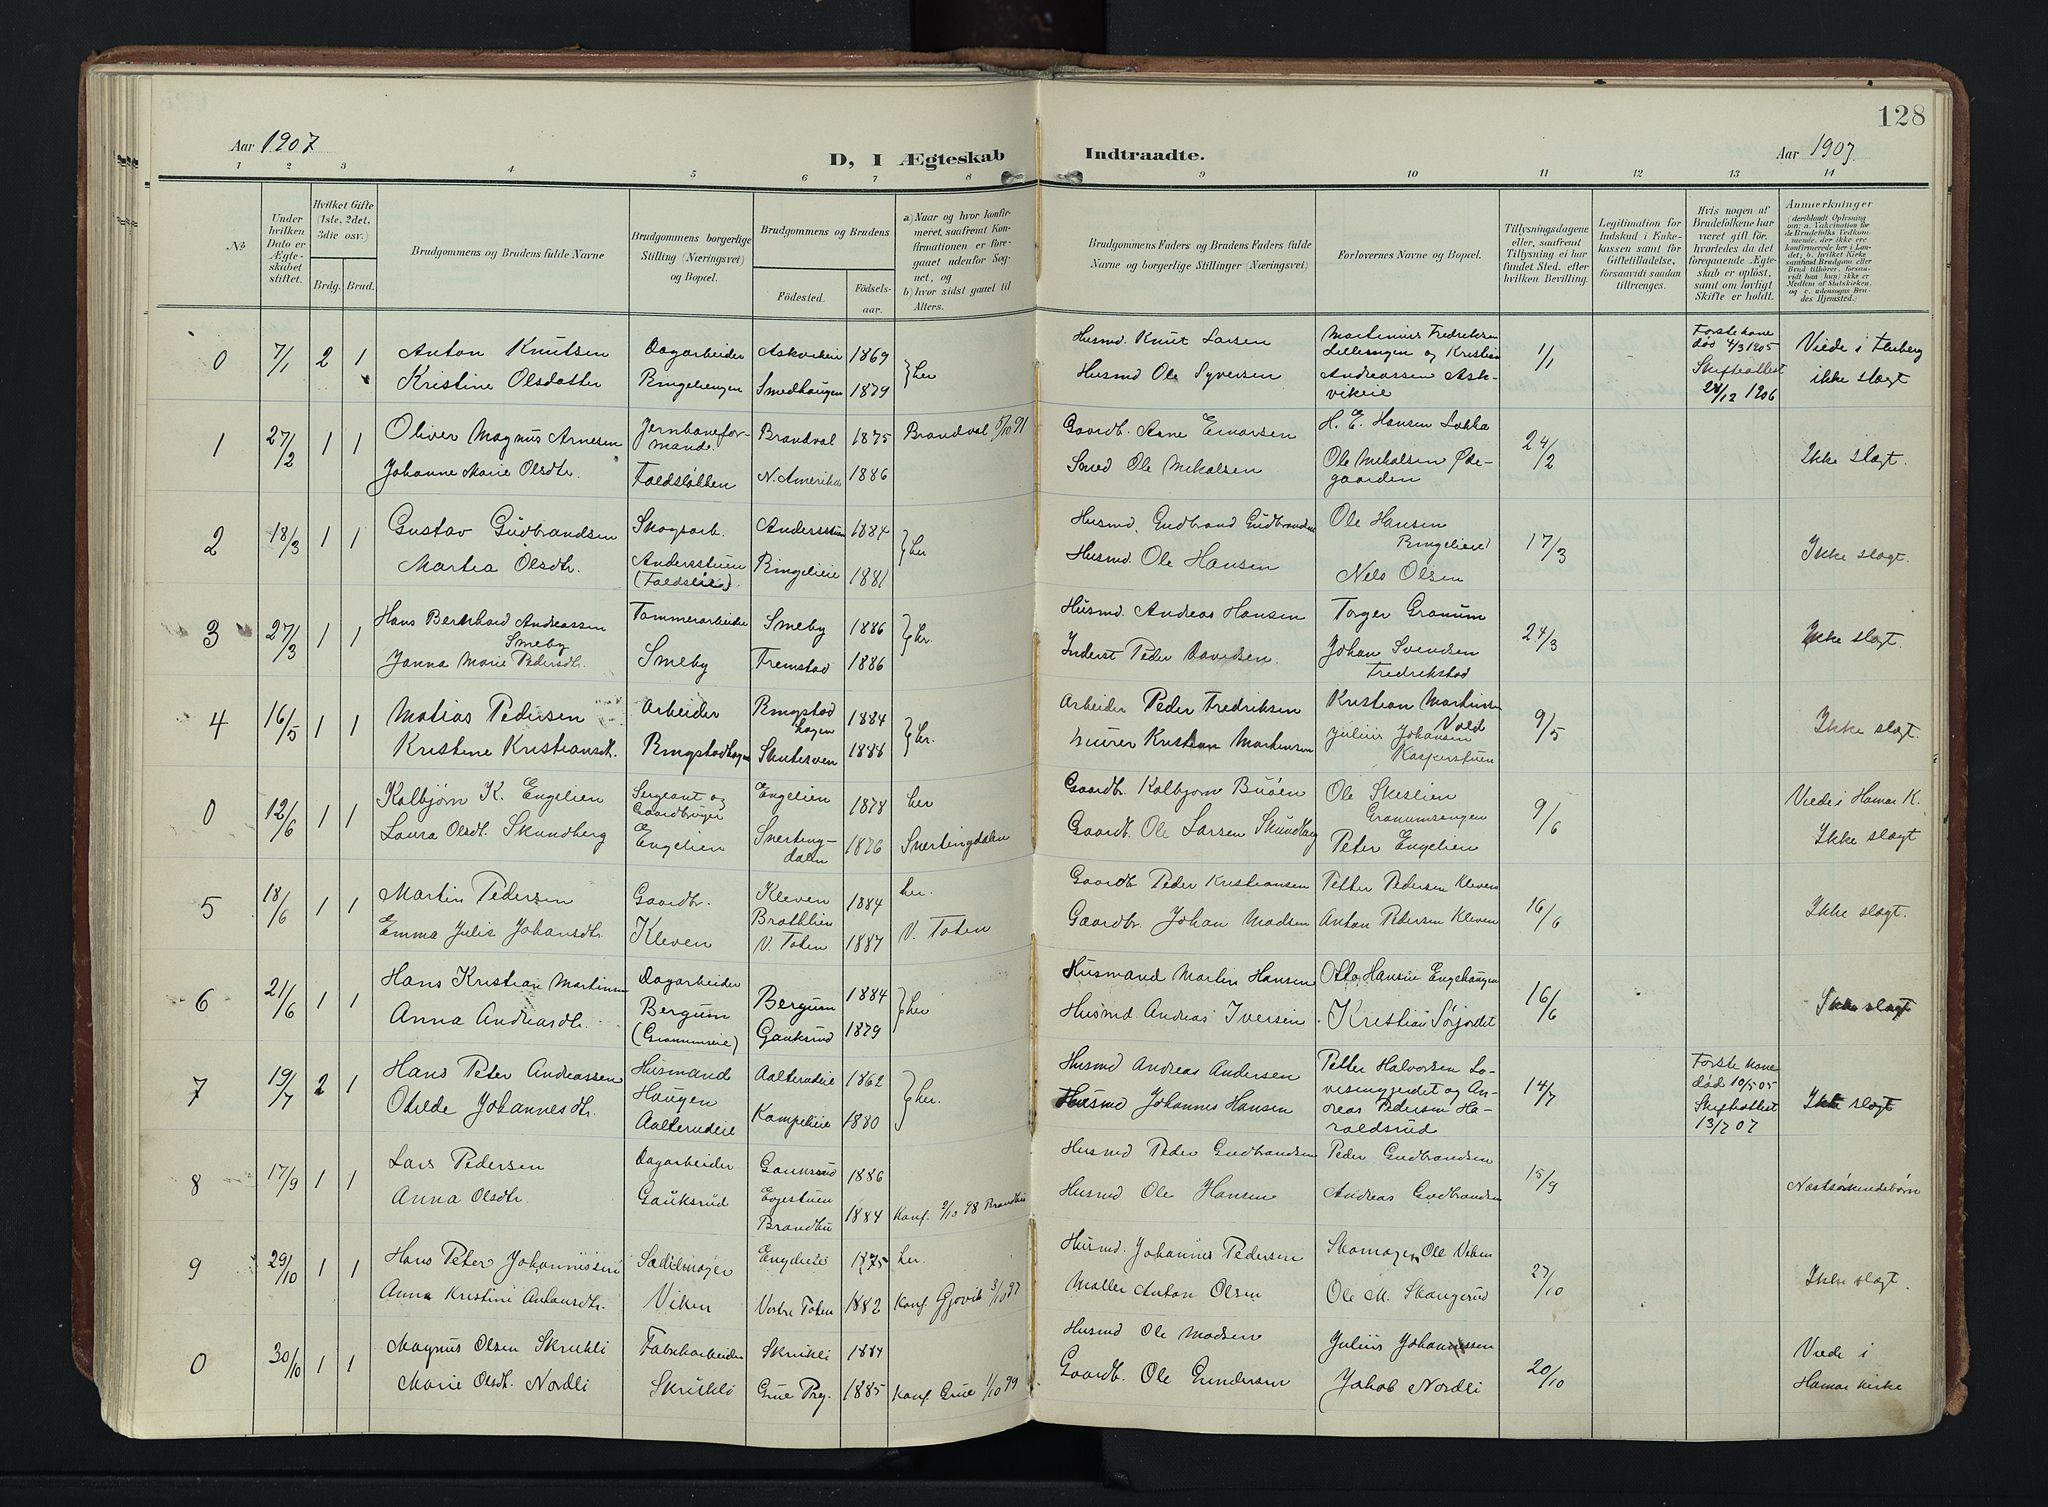 SAH, Søndre Land prestekontor, K/L0007: Ministerialbok nr. 7, 1905-1914, s. 128